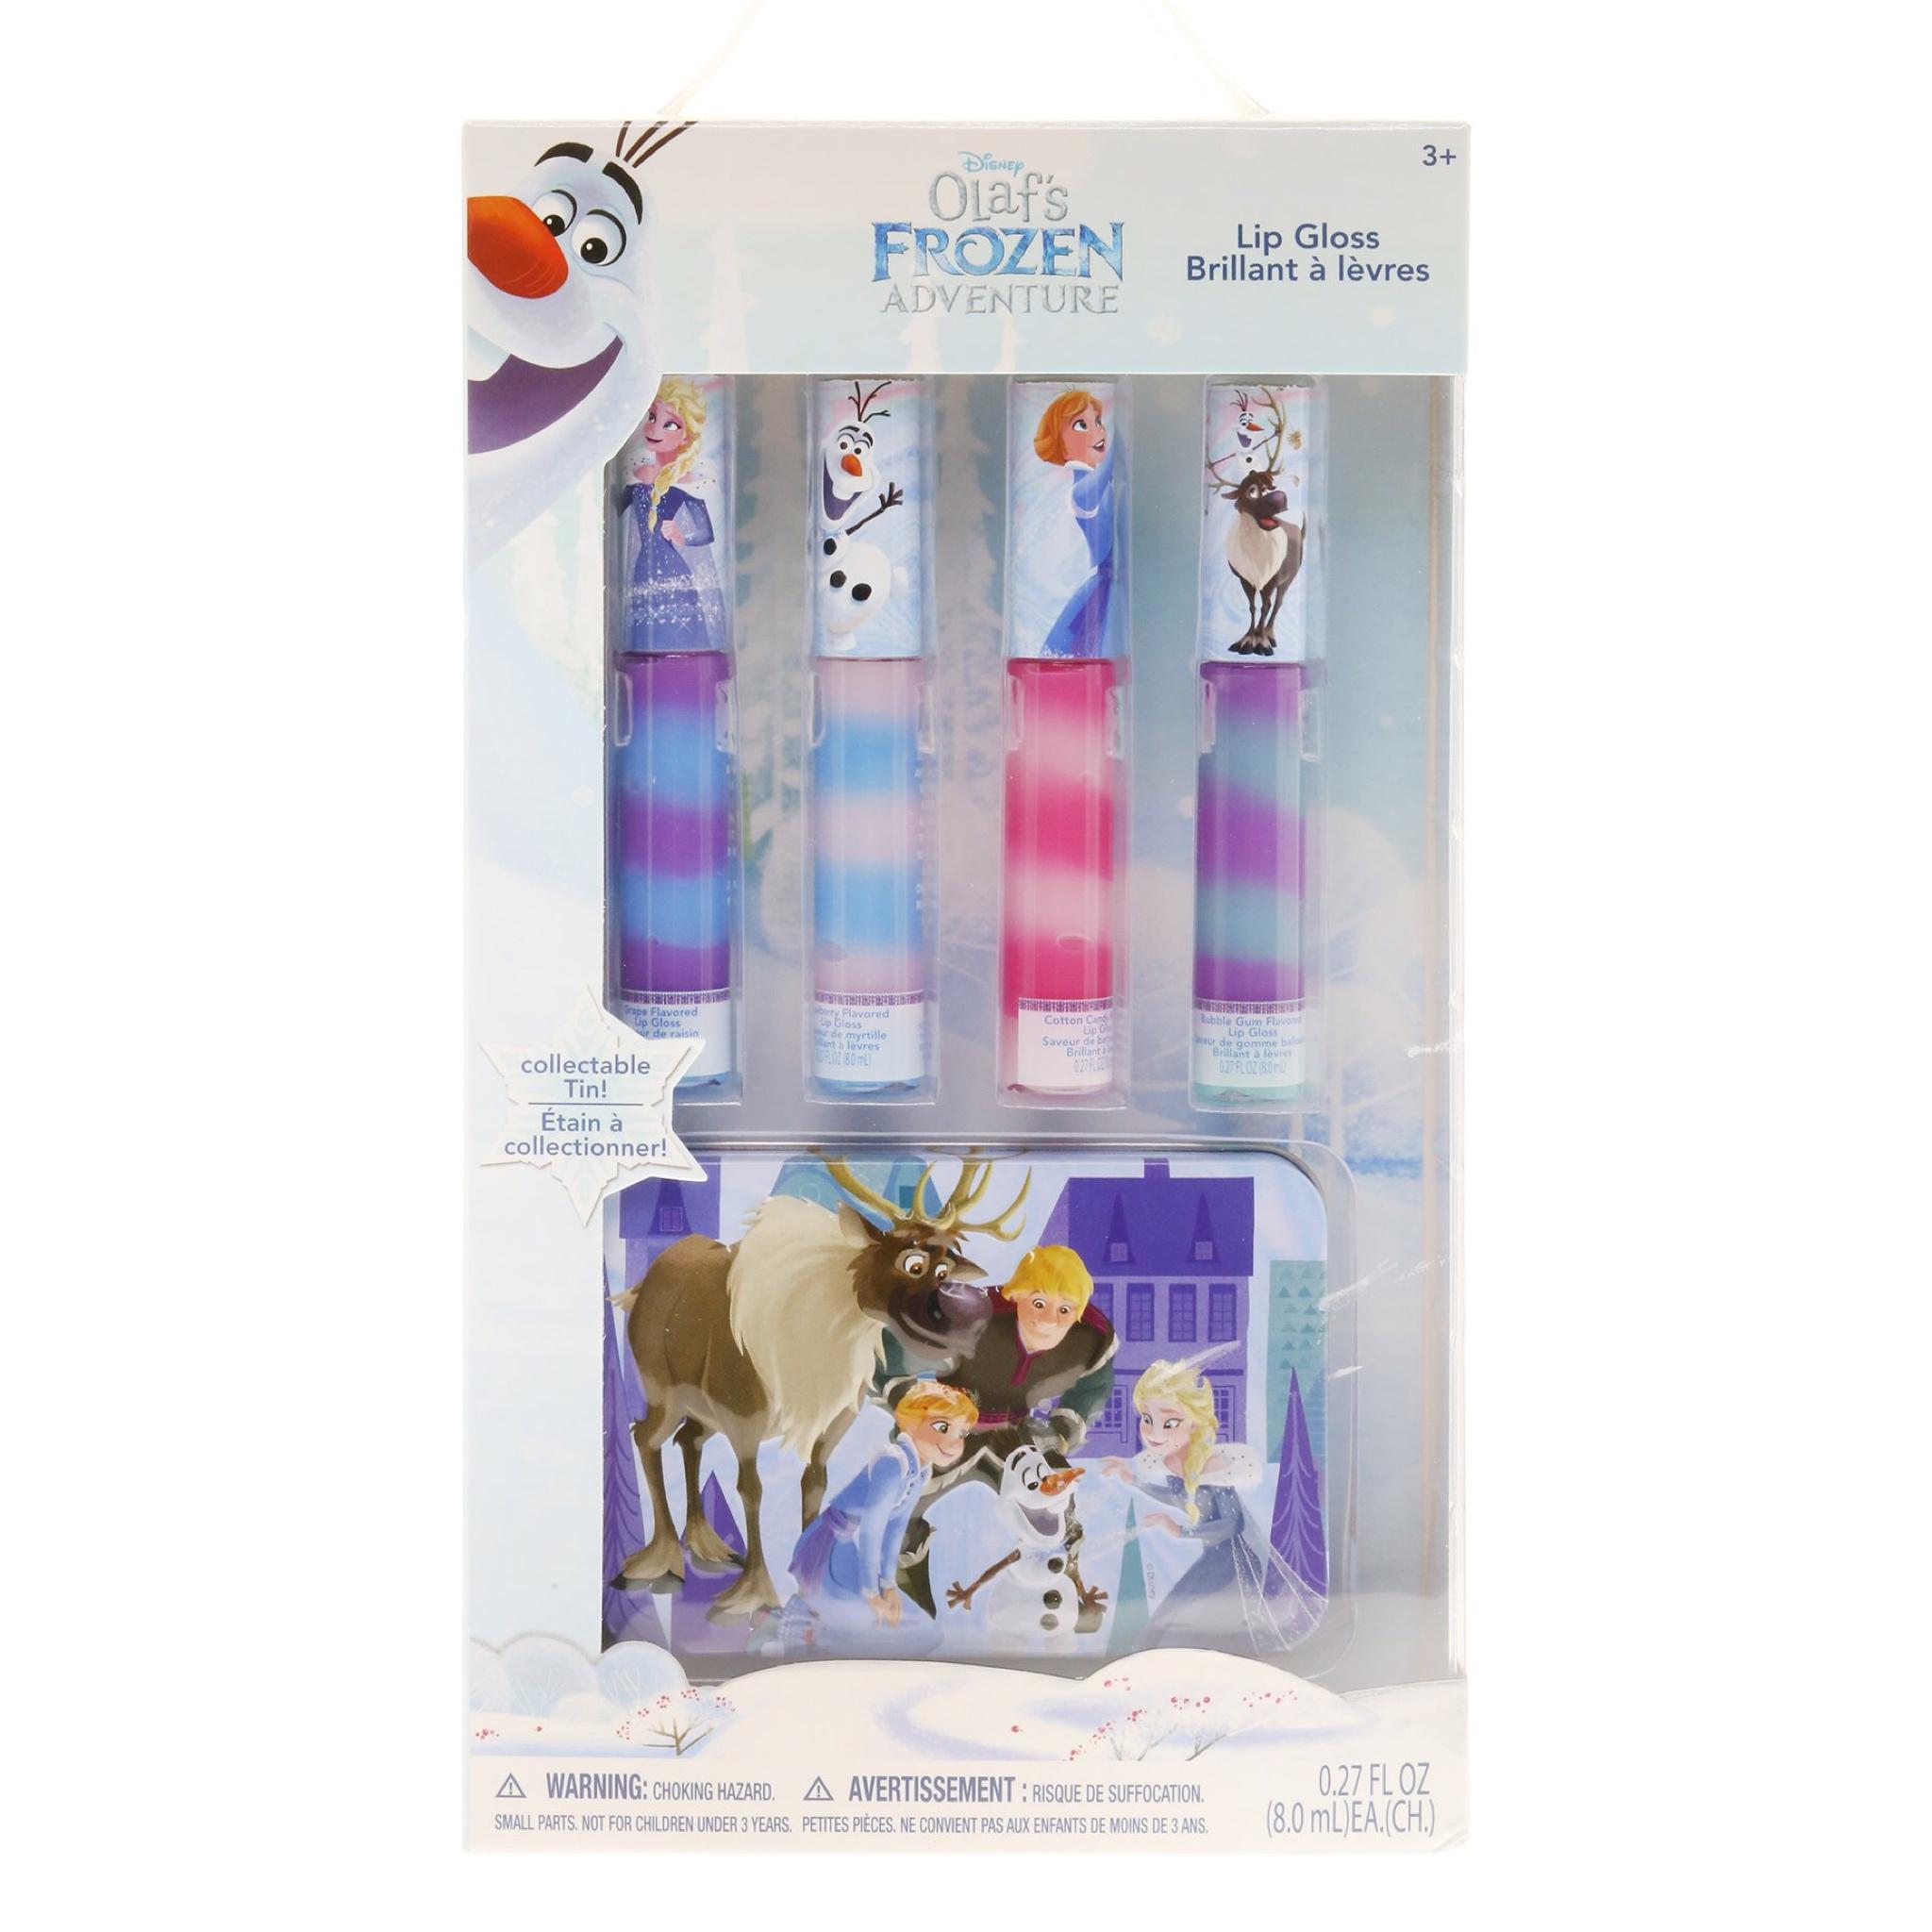 ชุดลิปกลอสปลอดสารพิษพร้อมกล่องบรรจุ Townleygirl 4-Pack Swirly Lip Gloss with Bonus Tin (Olaf's Frozen Adventure)